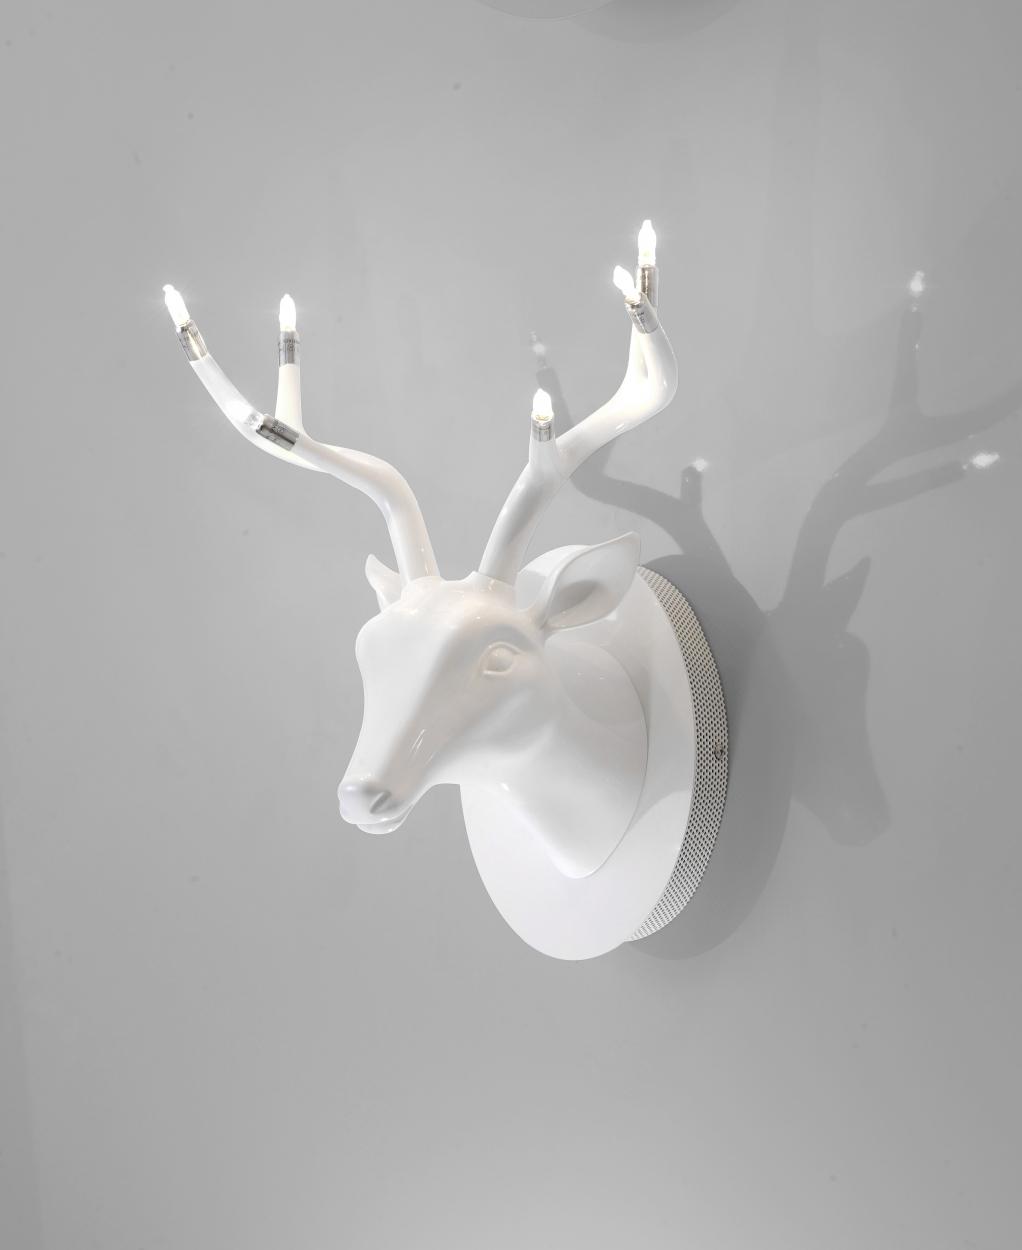 geschenkideen paul neuhaus lampe verschenken geschenkideen s o d der blog f r ausgefallene. Black Bedroom Furniture Sets. Home Design Ideas